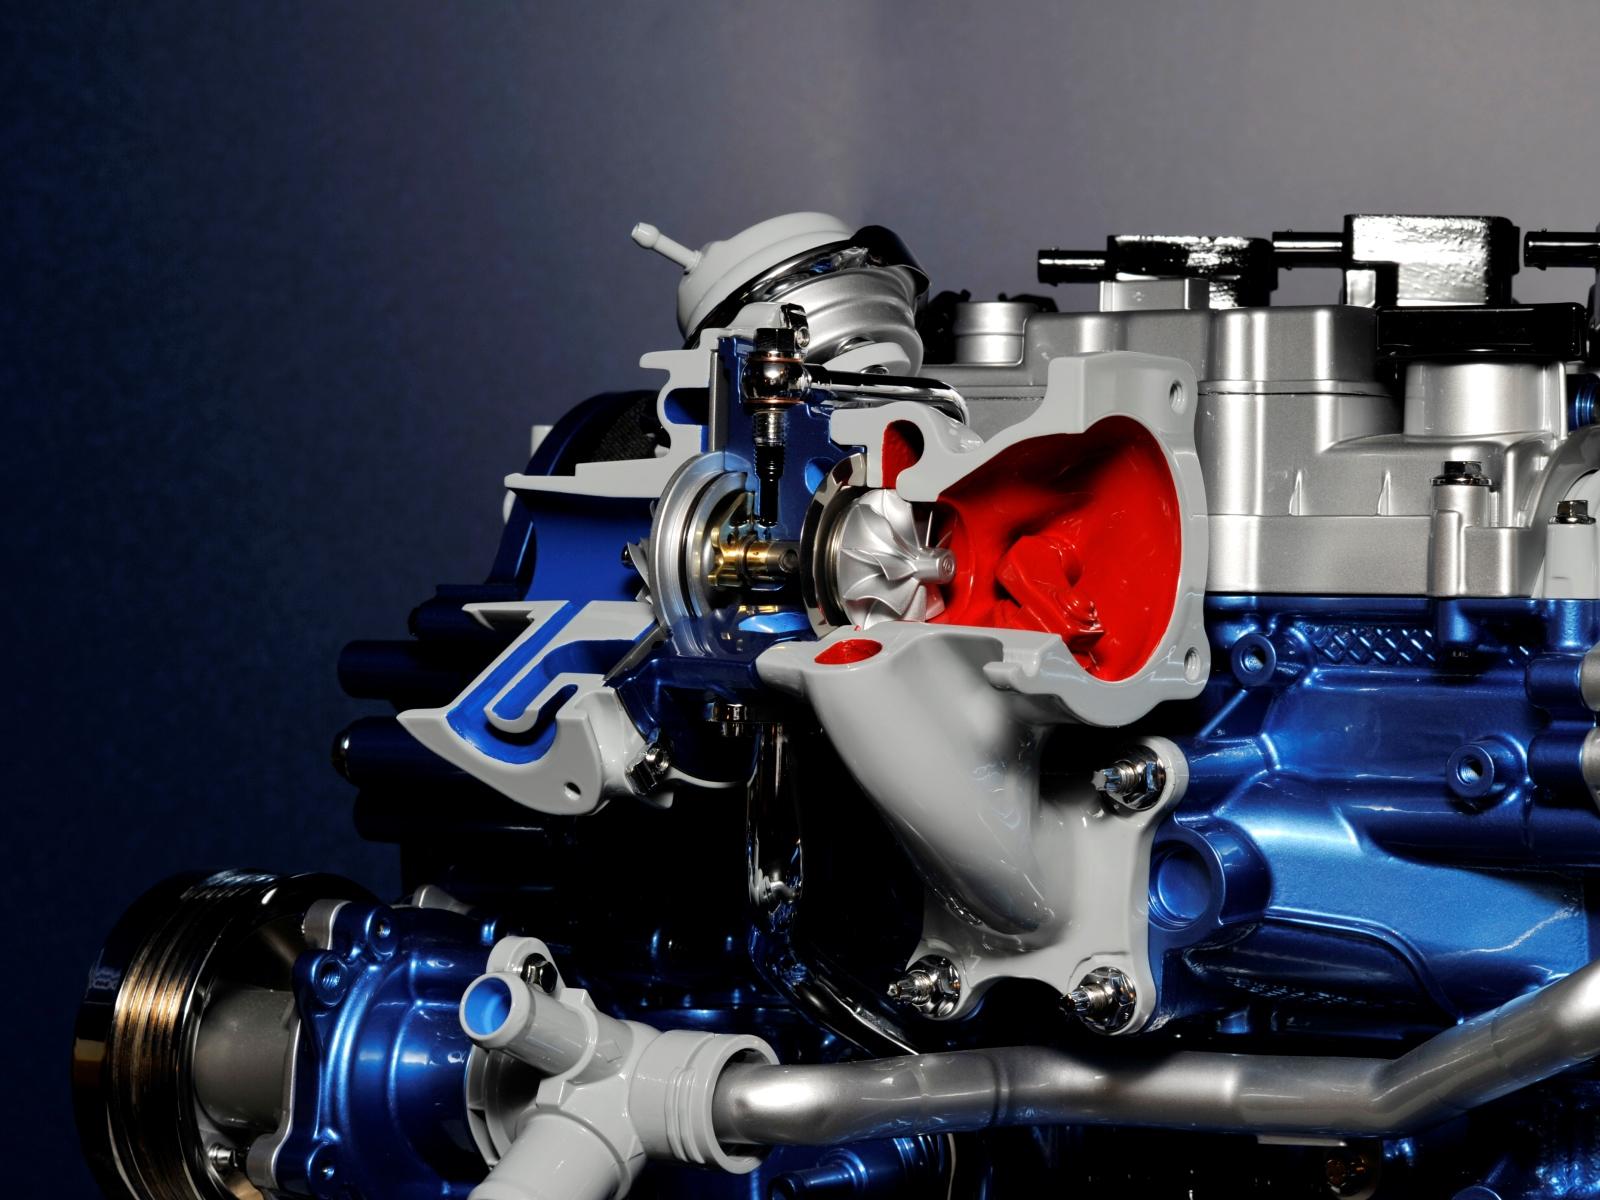 Экобуст двигатель экобуст двигатель (срок службы, ford mondeo, весь срок, весь срок службы